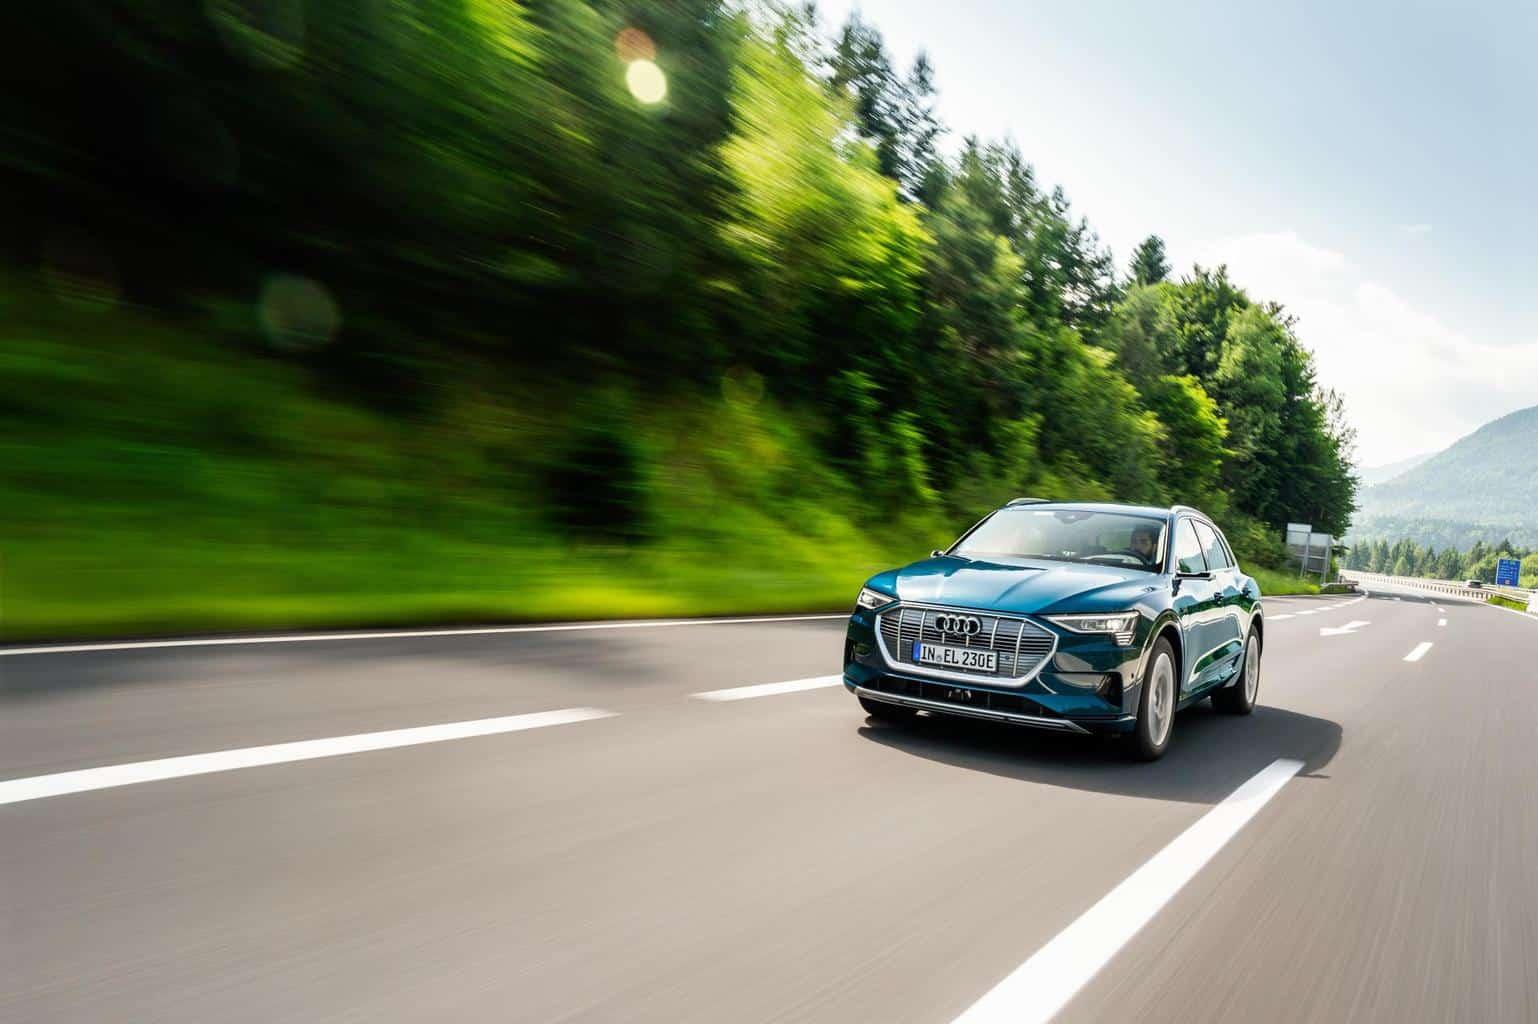 Zuhause kann der SUV an einer Wallbox mit 11 kW Leistung innerhalb von etwa 9 Stunden auf 100% geladen werden. Zusätzlich unterstützt er jedoch auch das Laden mit einer extra hohen Leistung von 150kW. Lässt sich eine Ladesäule mit dieser Kapazität finden - wie die von Audi selbst unterstützten IONITY-Stromtanken - braucht die reguläre 0%-80%-Ladung nur 30 Minuten - der Hersteller empfiehlt, einen Einkauf einzulegen.